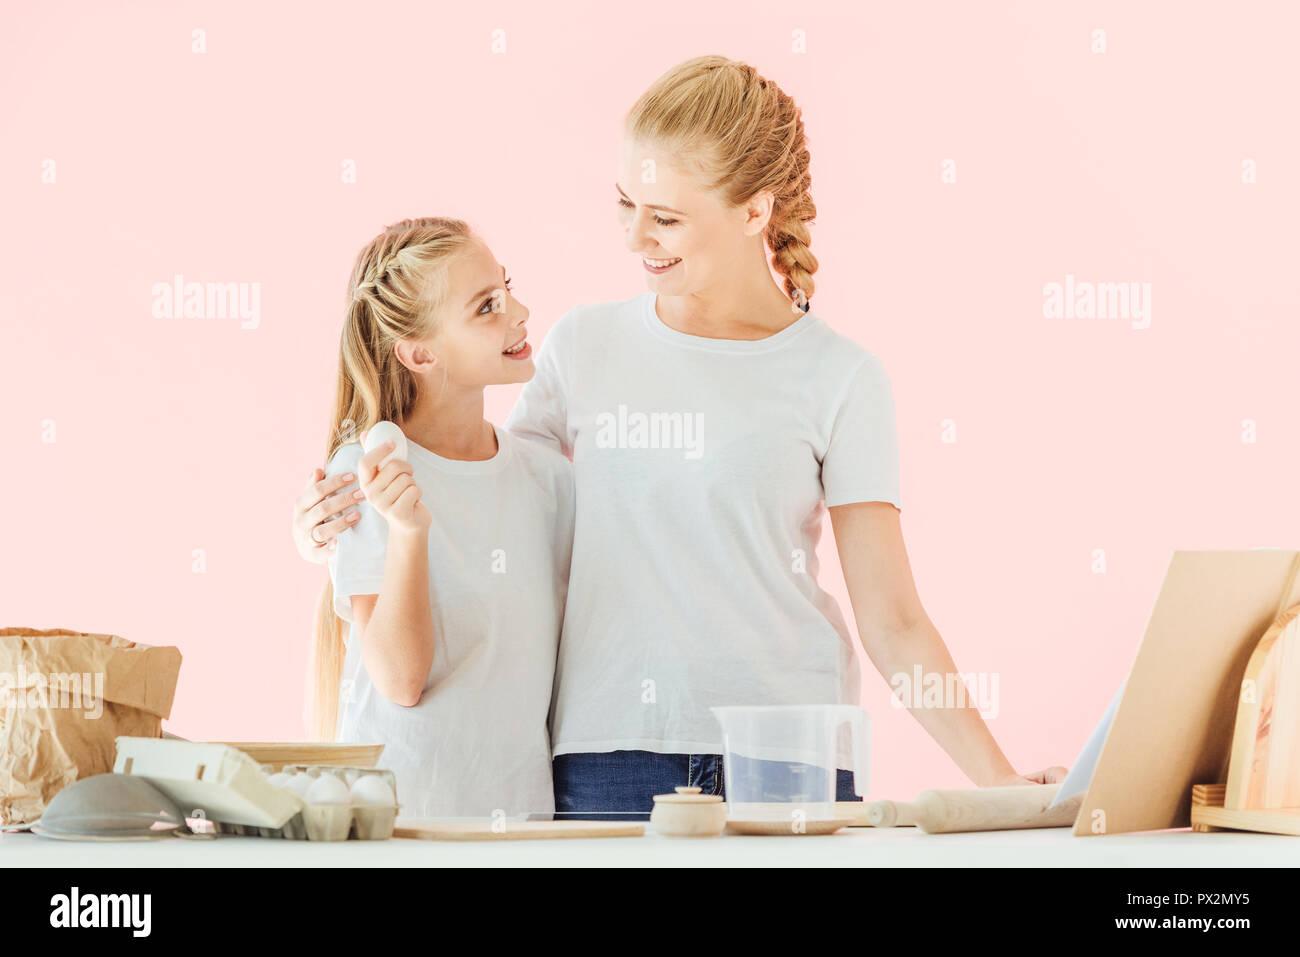 Junge Mutter und süßen kleinen Tochter in den weißen T-Shirts an einander beim Kochen auf rosa isoliert auf der Suche Stockbild